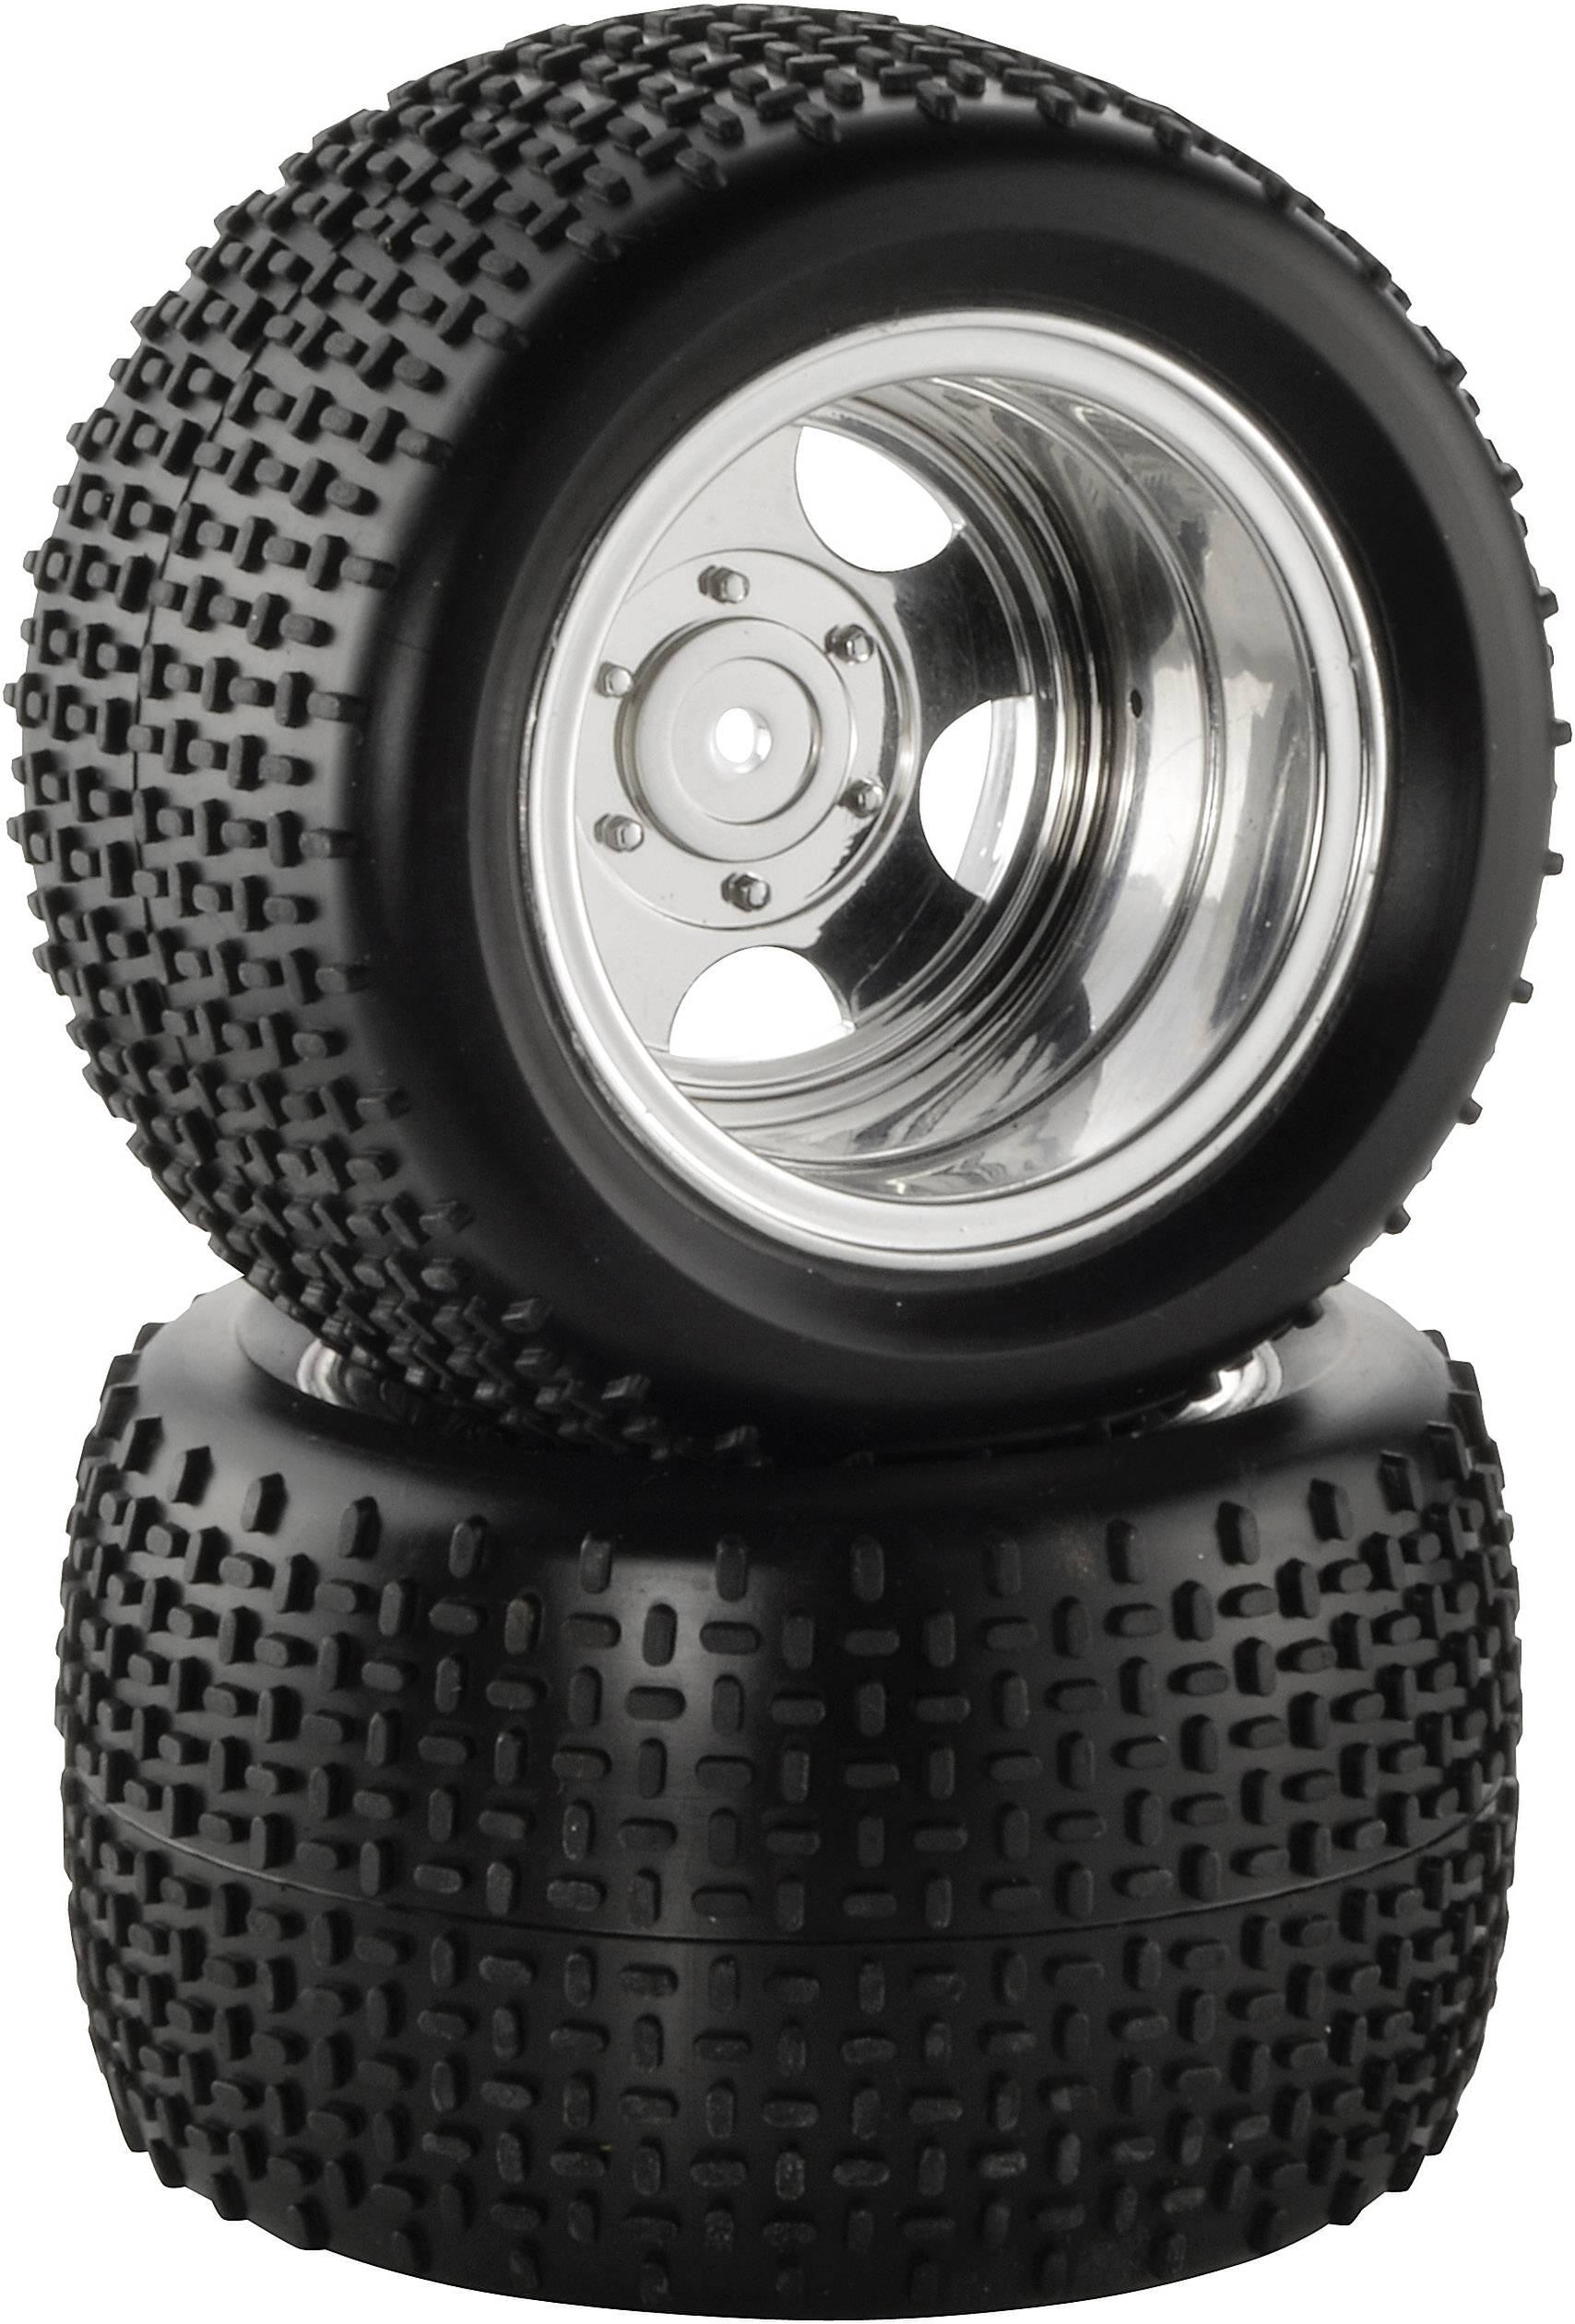 Kompletné kolesá Quer-Spike Reely CB202BG1 pre truggy, 98 mm, 1:10, 2 ks, chróm